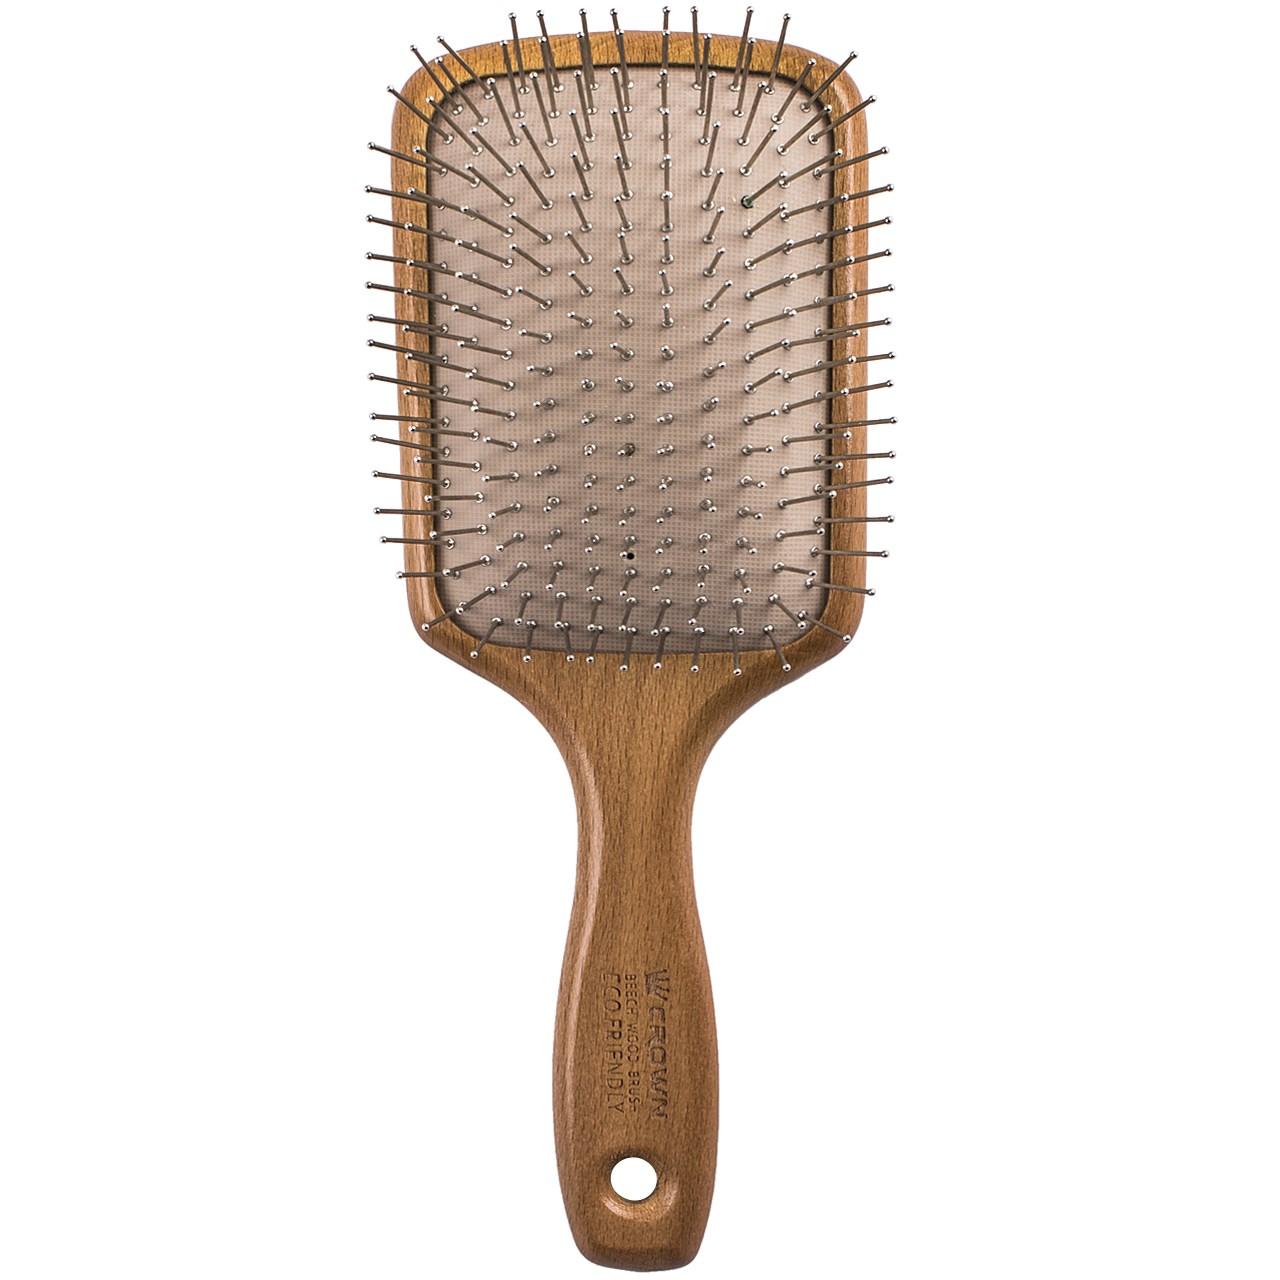 برس مو کراون مدل سیمی چهارگوش با بدنه چوبی BEECHWOOD S کد 32